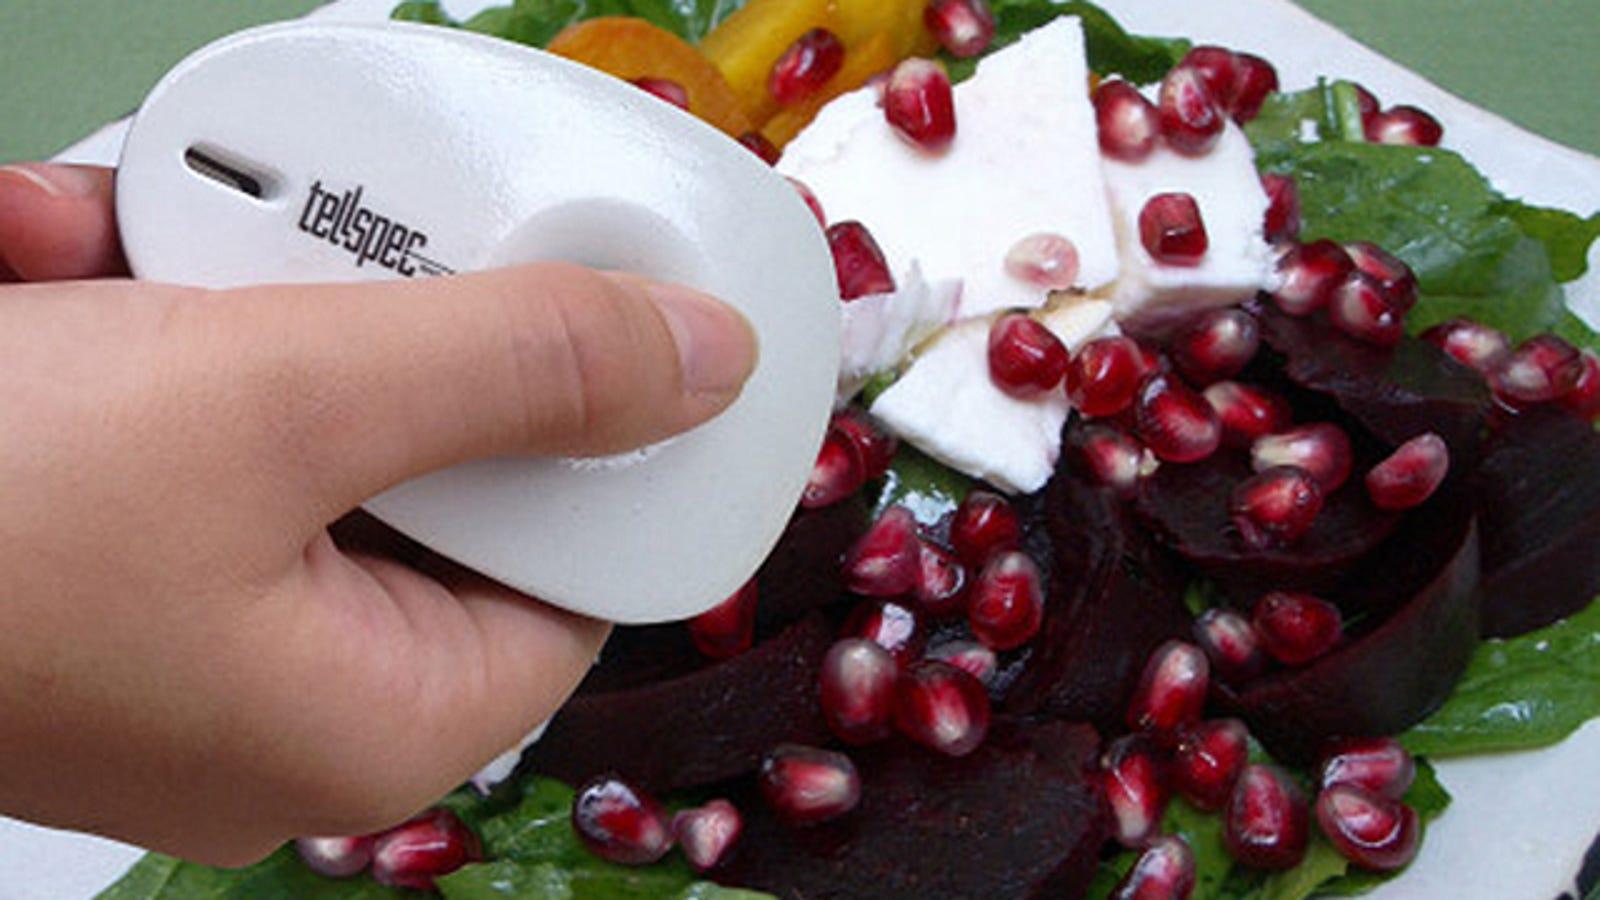 TellSpec, el espectrómetro láser que sabe de qué está hecha tu comida